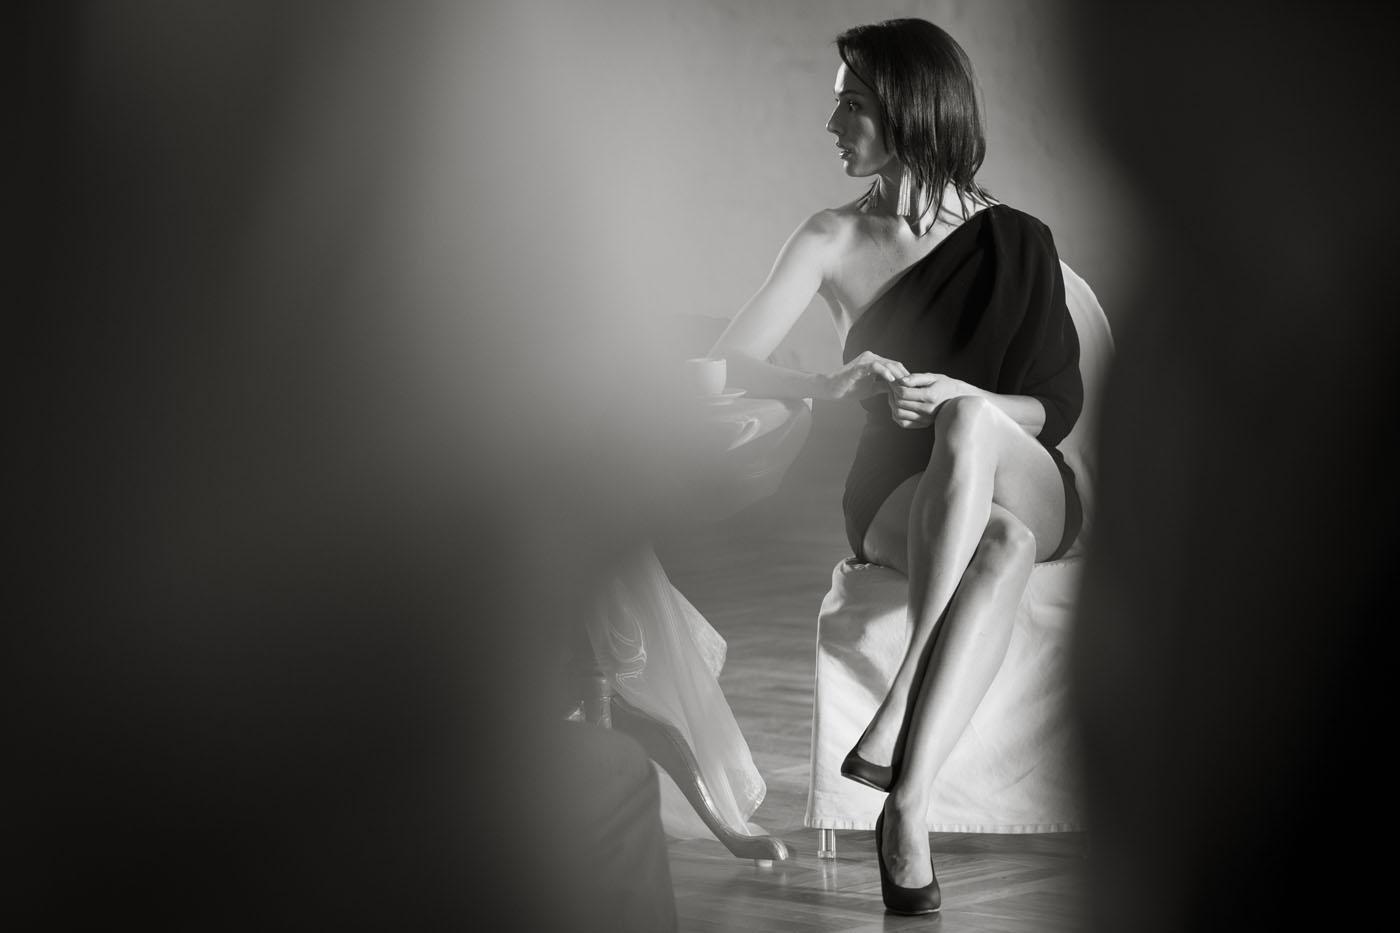 Скачать фильм Пятьдесят оттенков серого 2015 через торрент